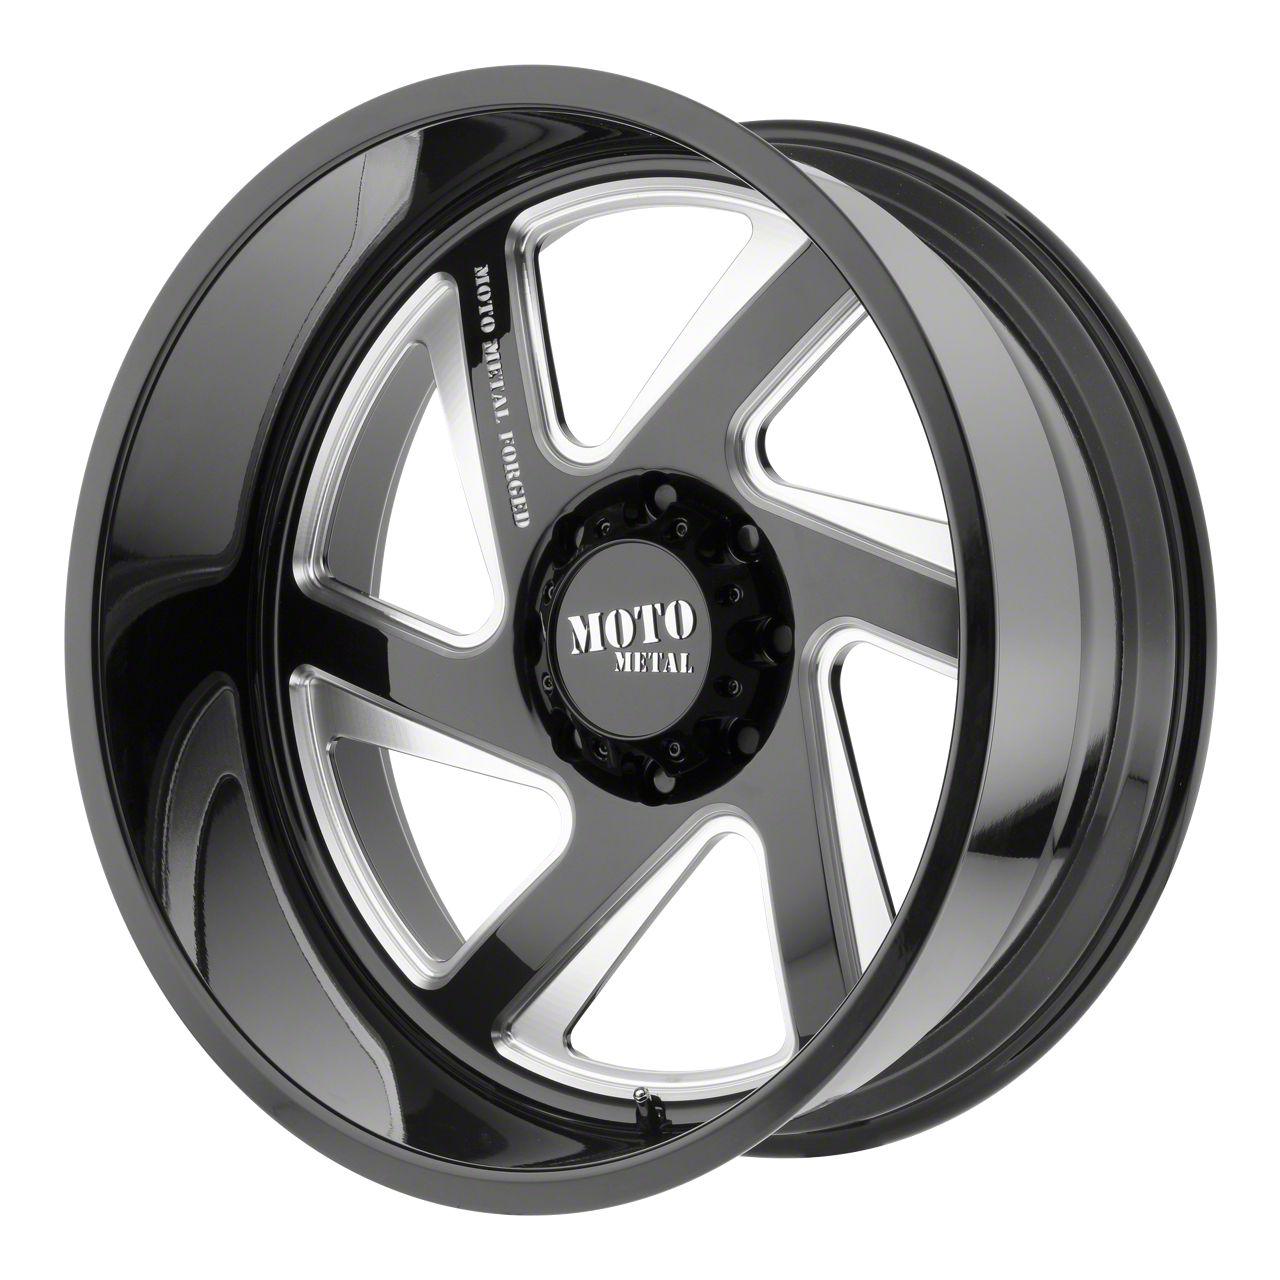 Moto Metal MO400 Gloss Black Milled 6-Lug Wheel - Passenger Side - 20x10 (99-19 Silverado 1500)